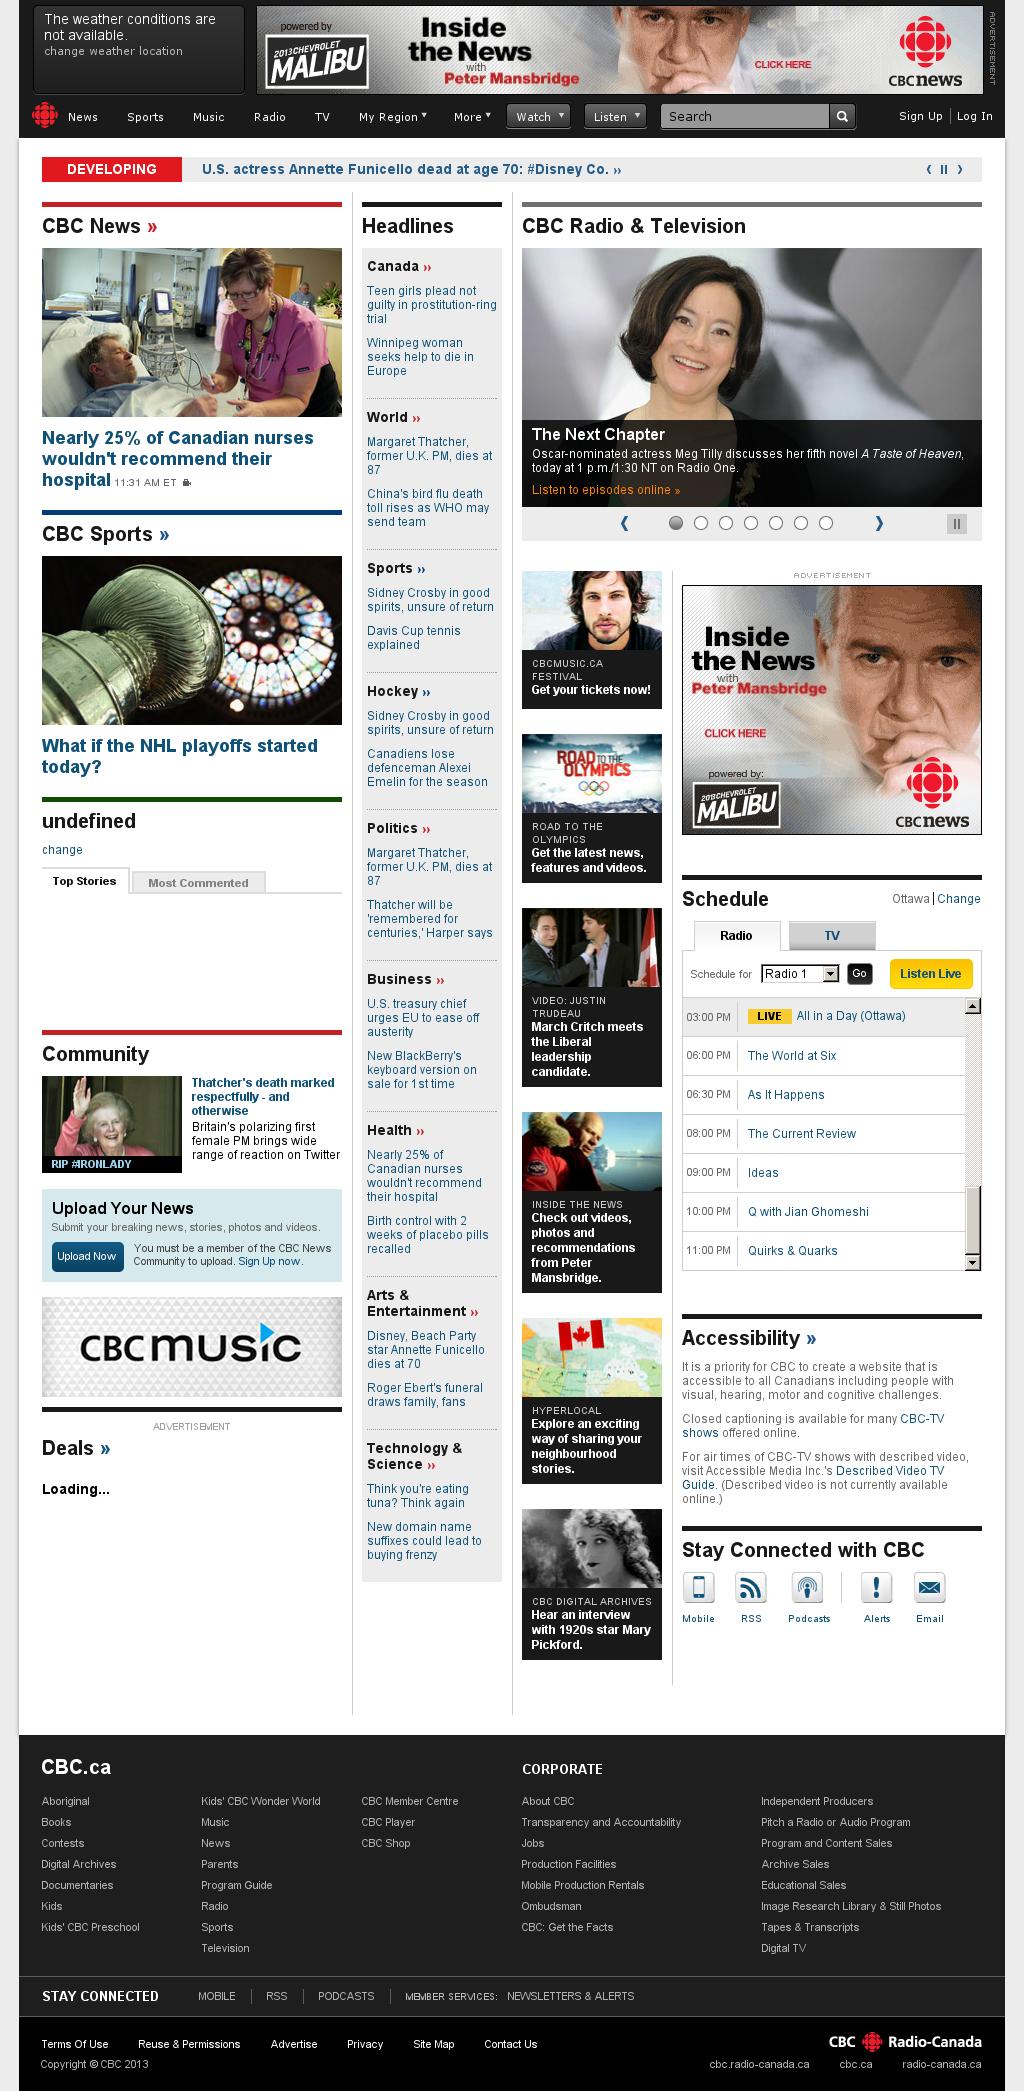 CBC at Monday April 8, 2013, 7:03 p.m. UTC